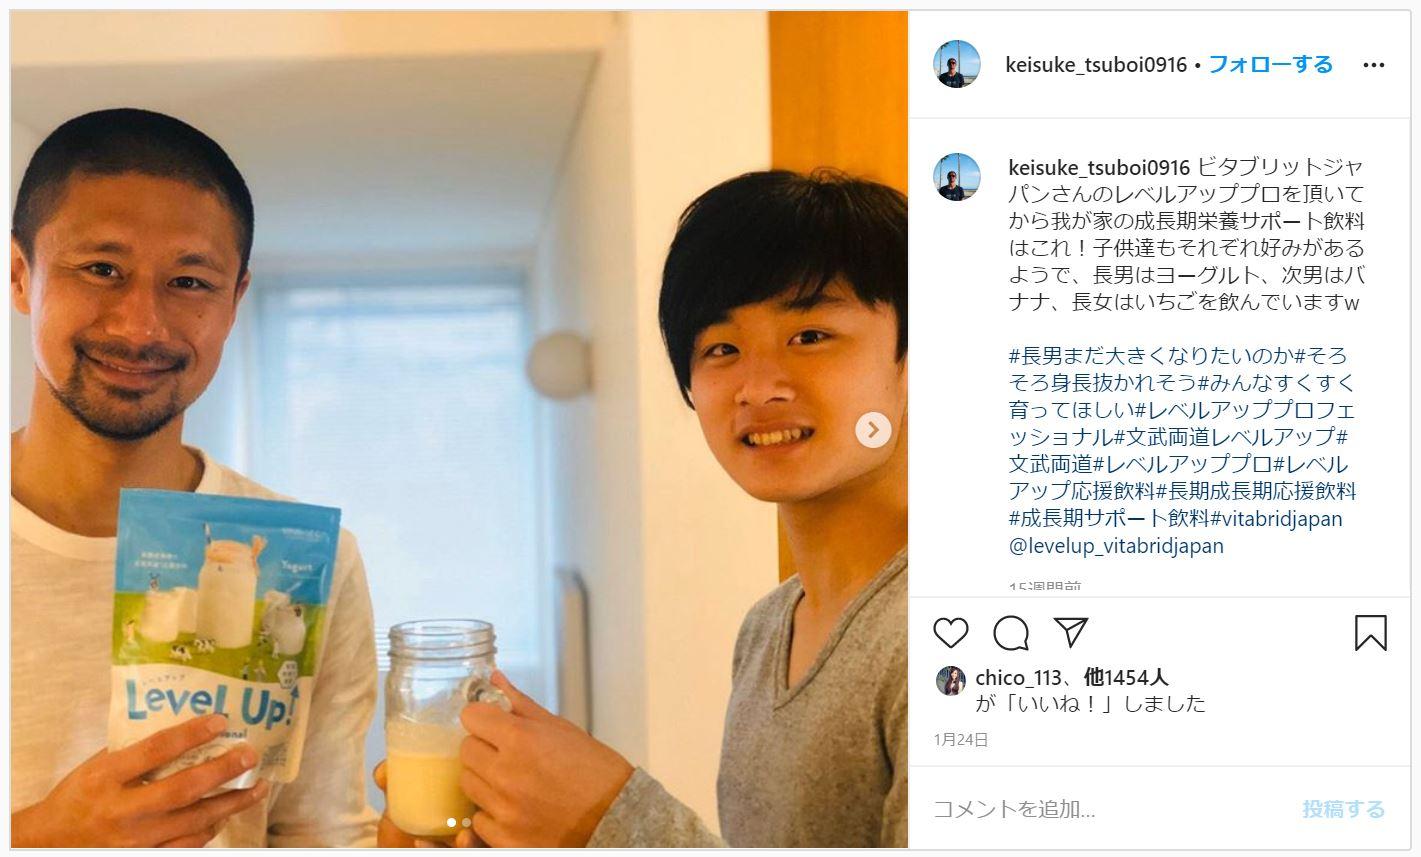 坪井慶介さんの投稿